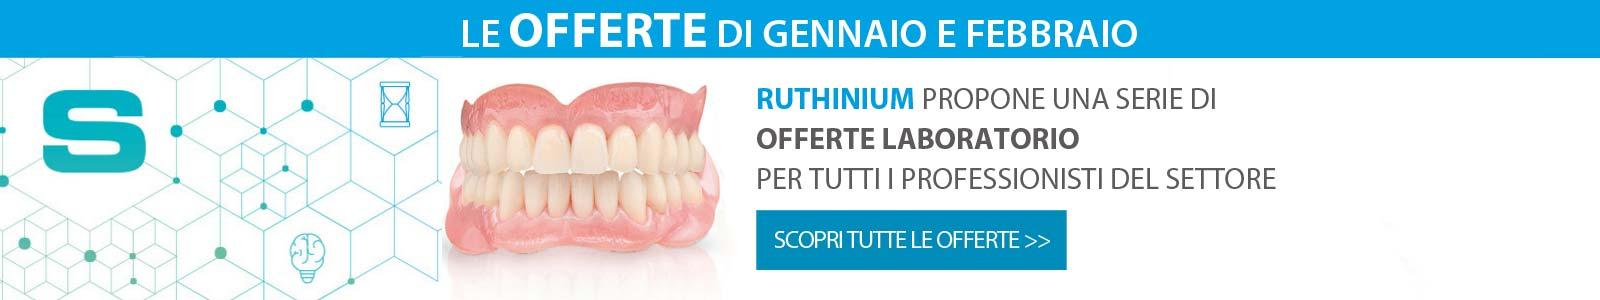 slide-ruthinium-offerta-acryplus-mobile